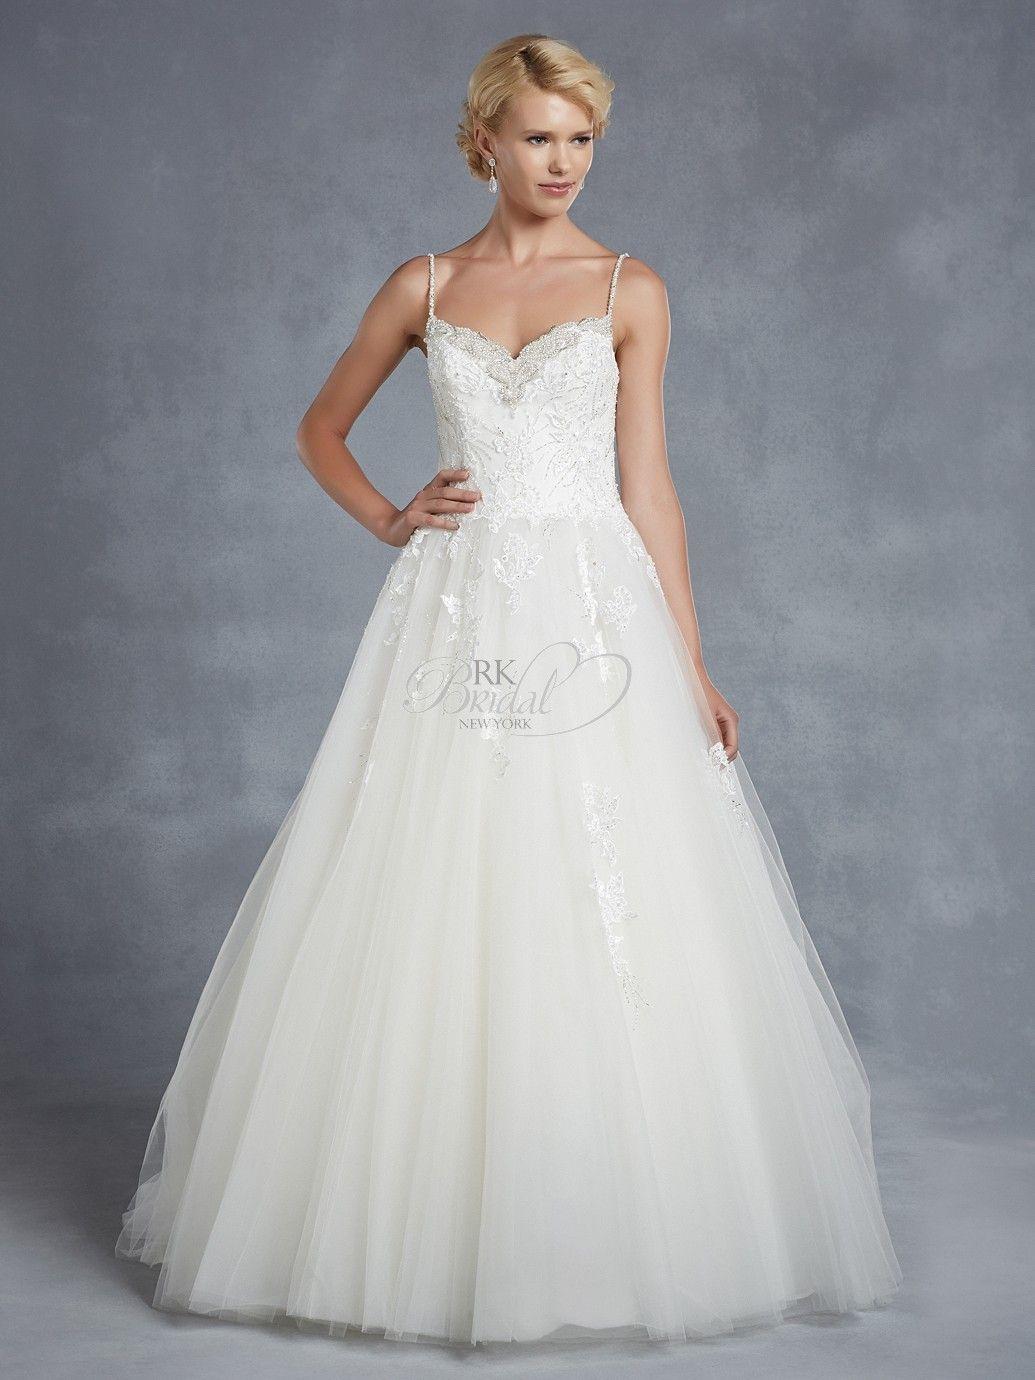 Rk bridal blue by enzoani bridal spring highland rk